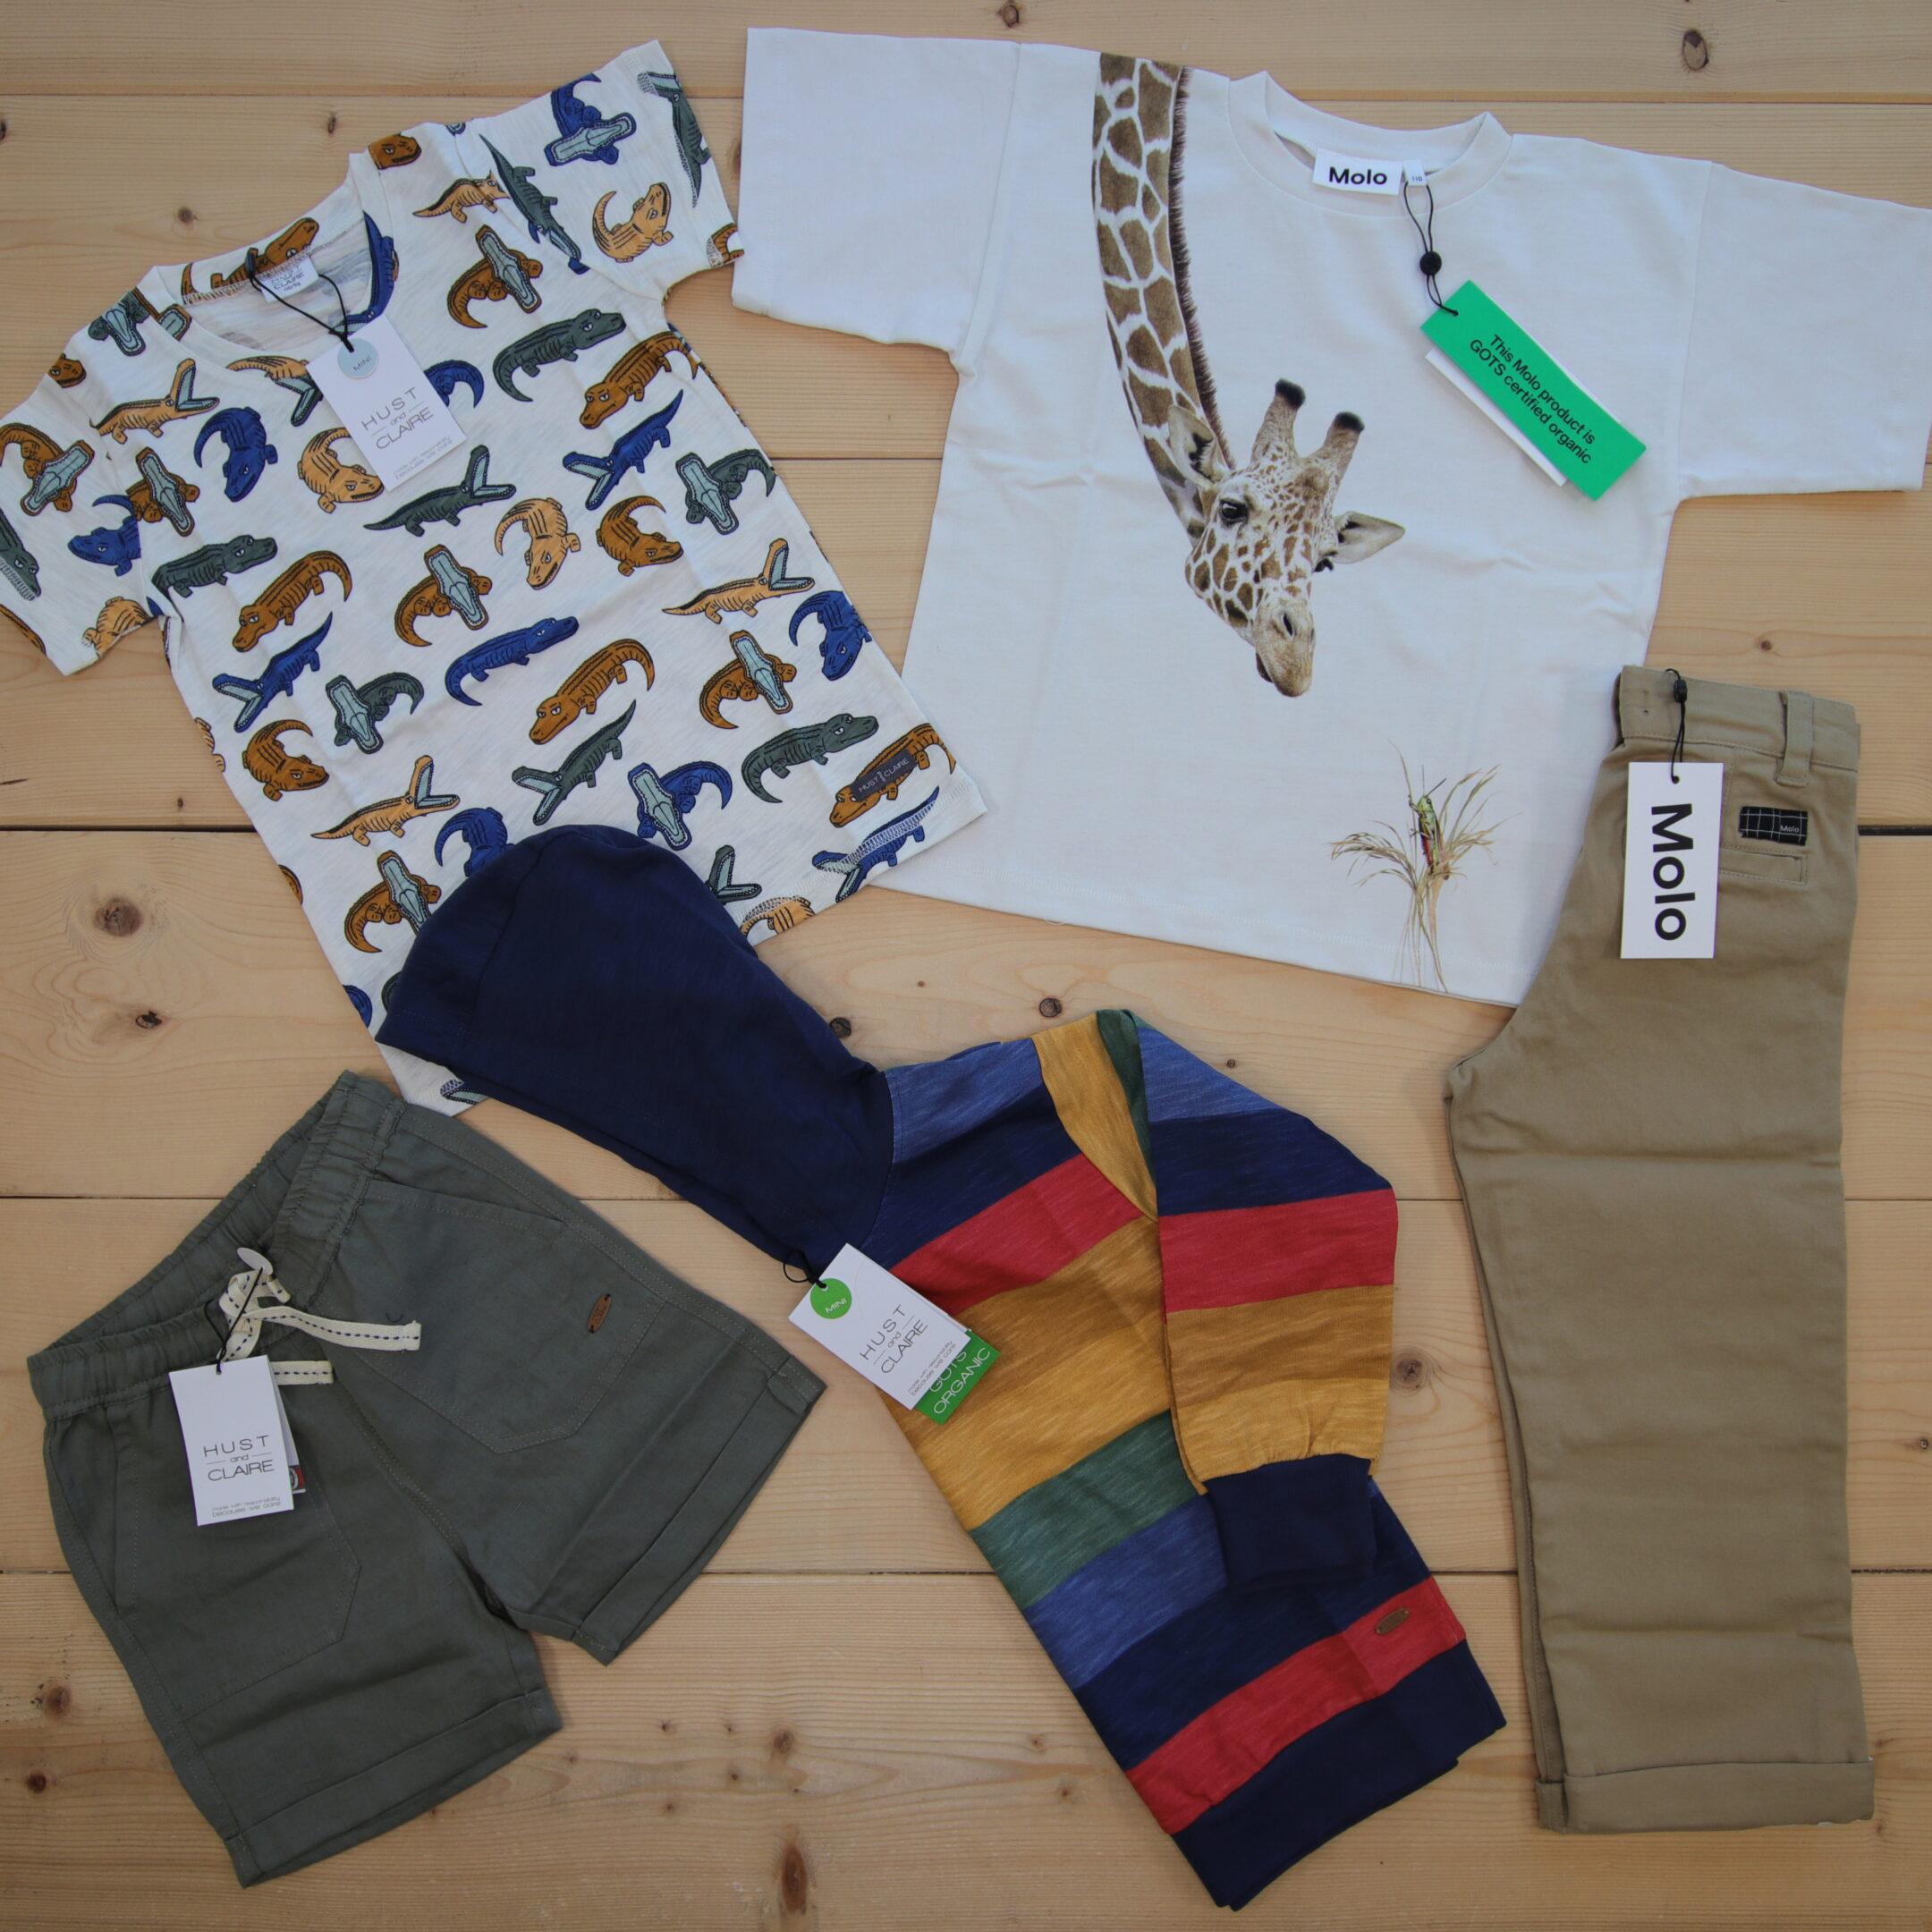 Dette er Småpakke som vi forberedte for en gutt i stilene cool og colorful